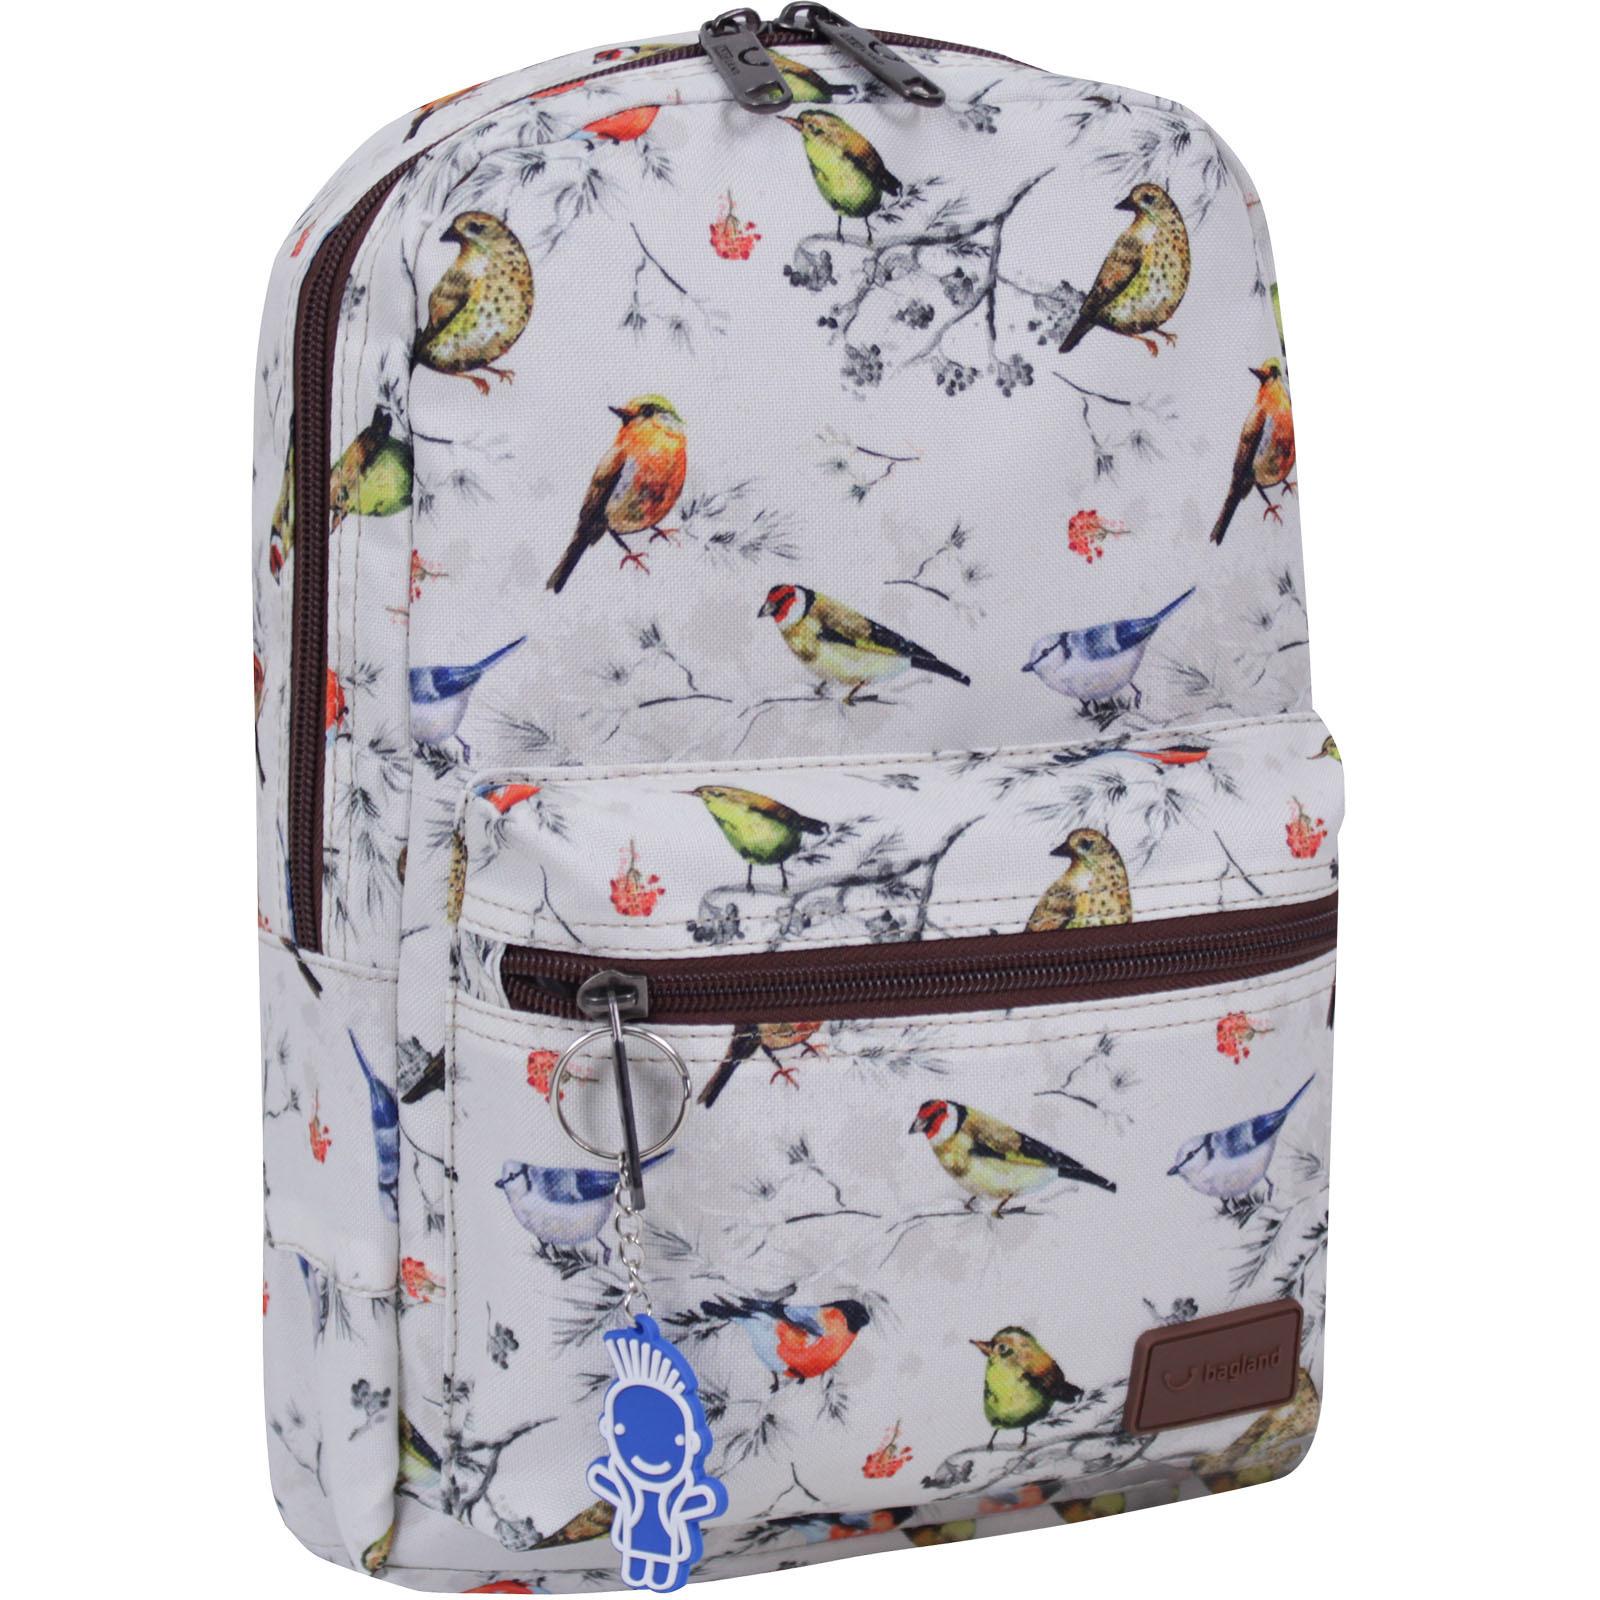 Молодежные рюкзаки Рюкзак Bagland Молодежный mini 8 л. сублімація 67 (00508664) IMG_8192суб67-1600.jpg